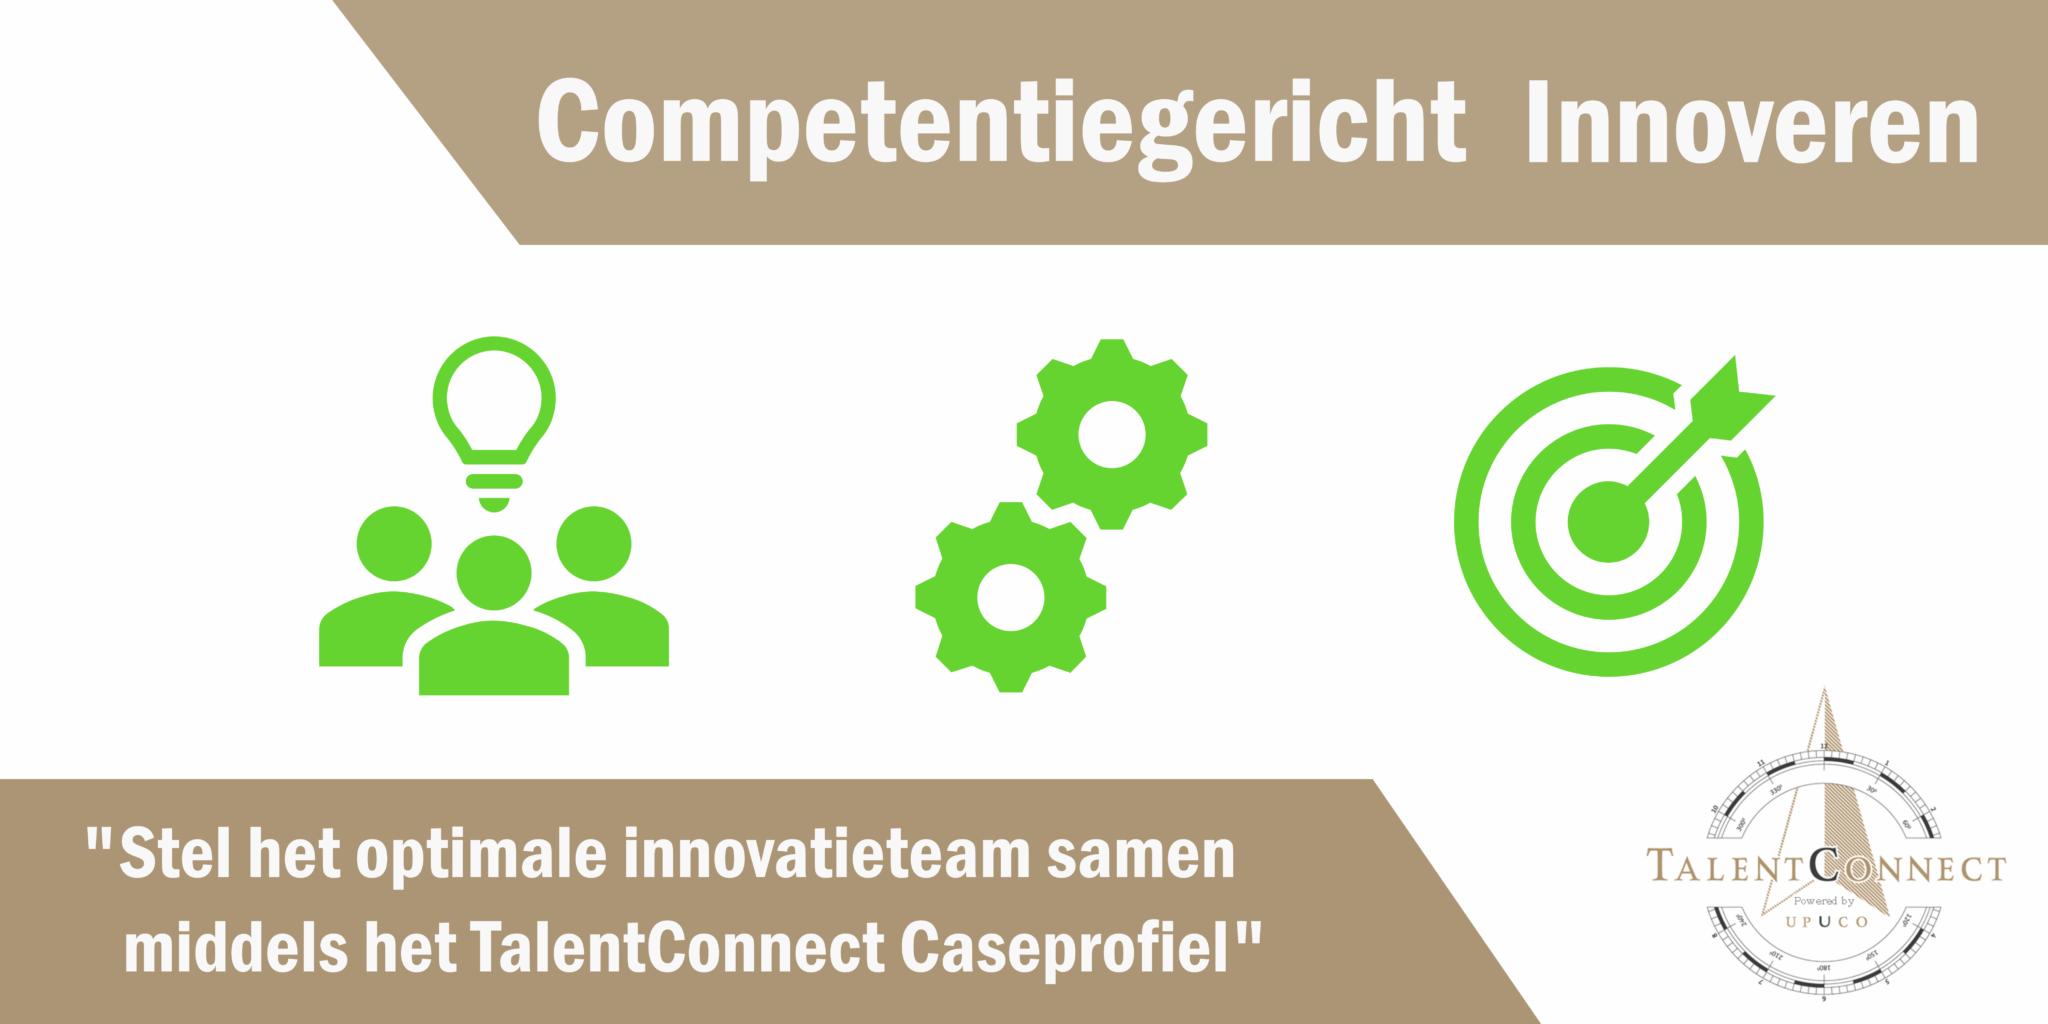 Succesvol innoveren dankzij competenties